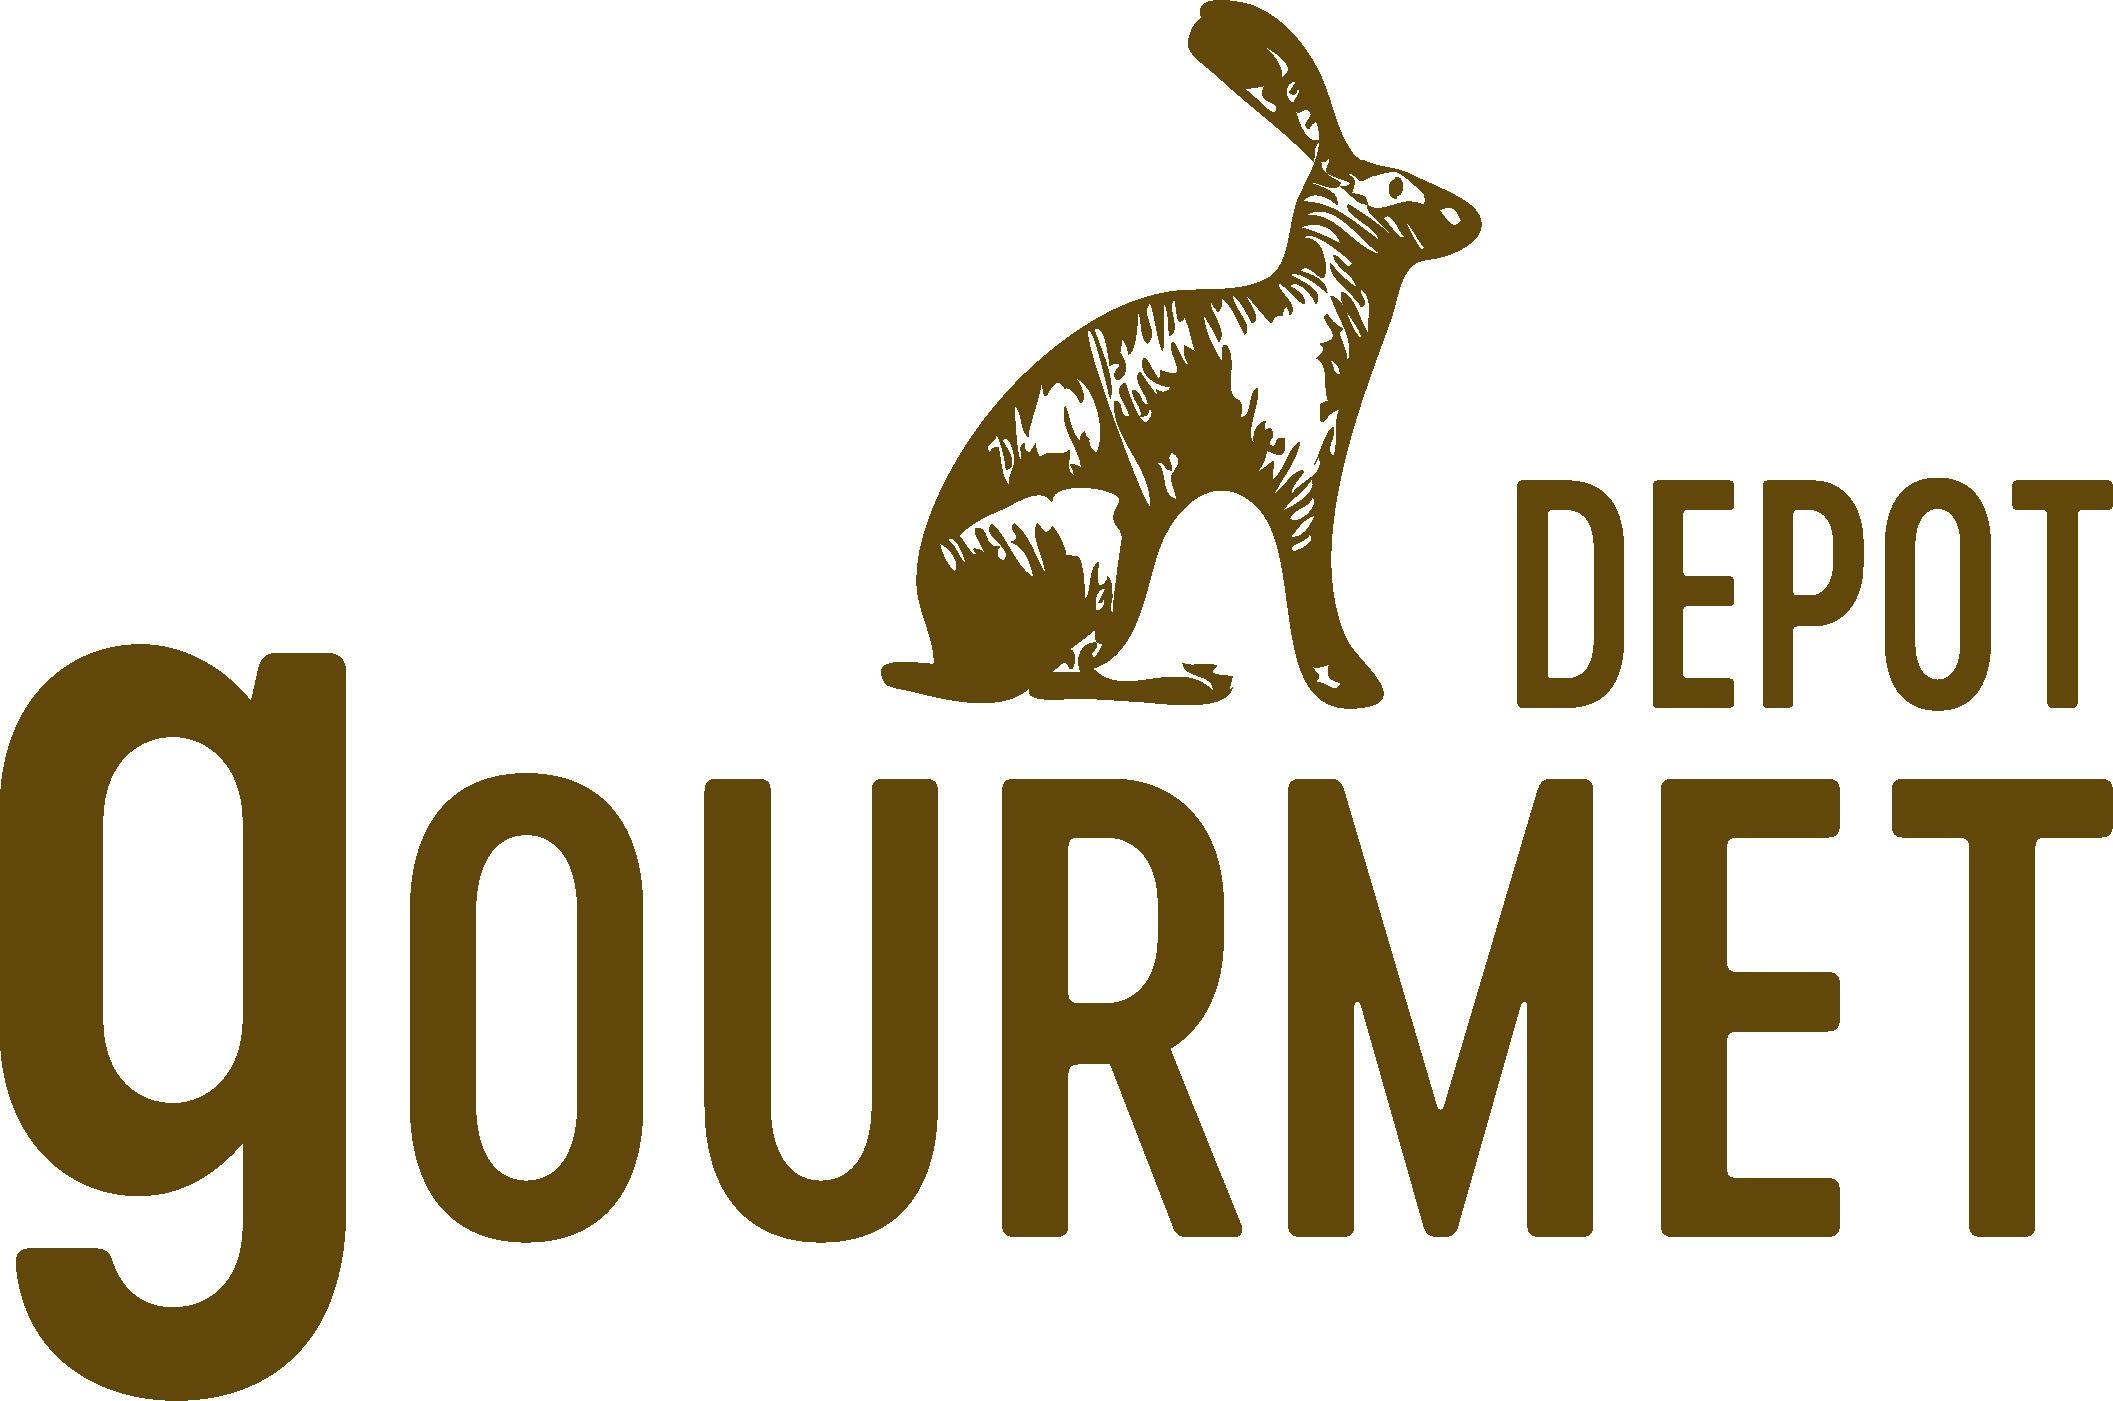 gourmet depot GmbH